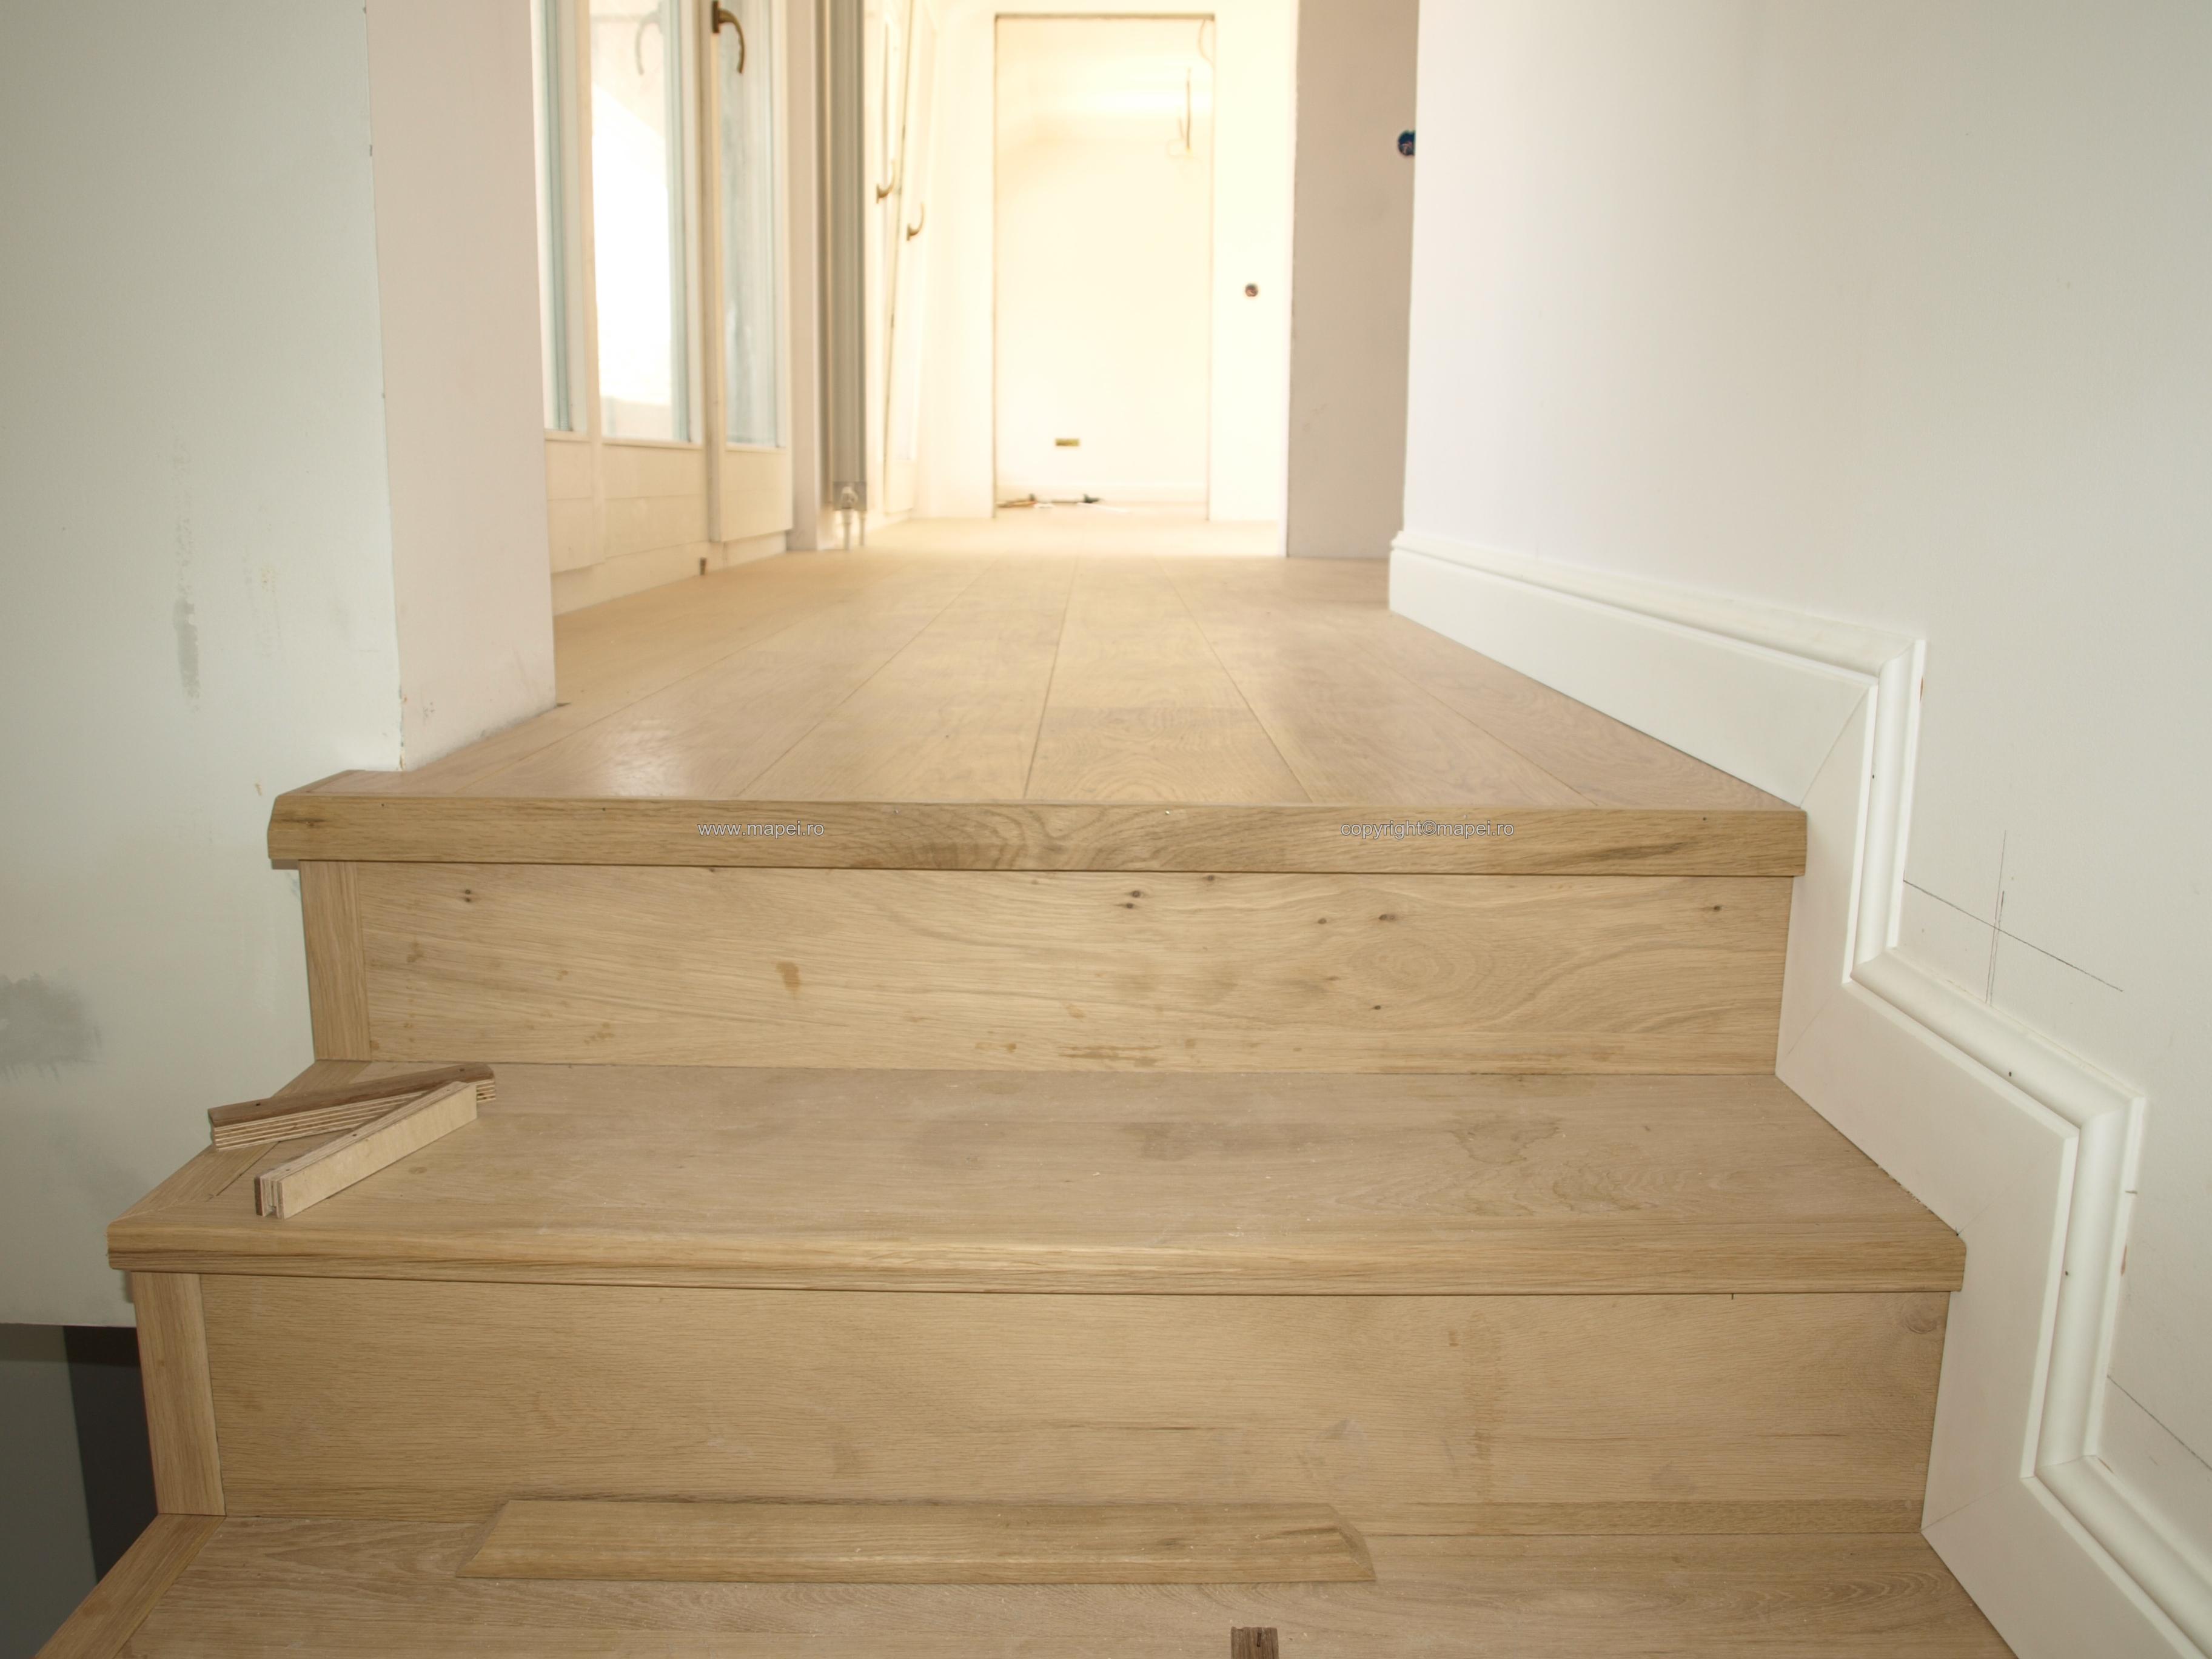 11 Placare trepte scara din beton cu lemn cu adeziv Mapei MAPEI - Poza 11